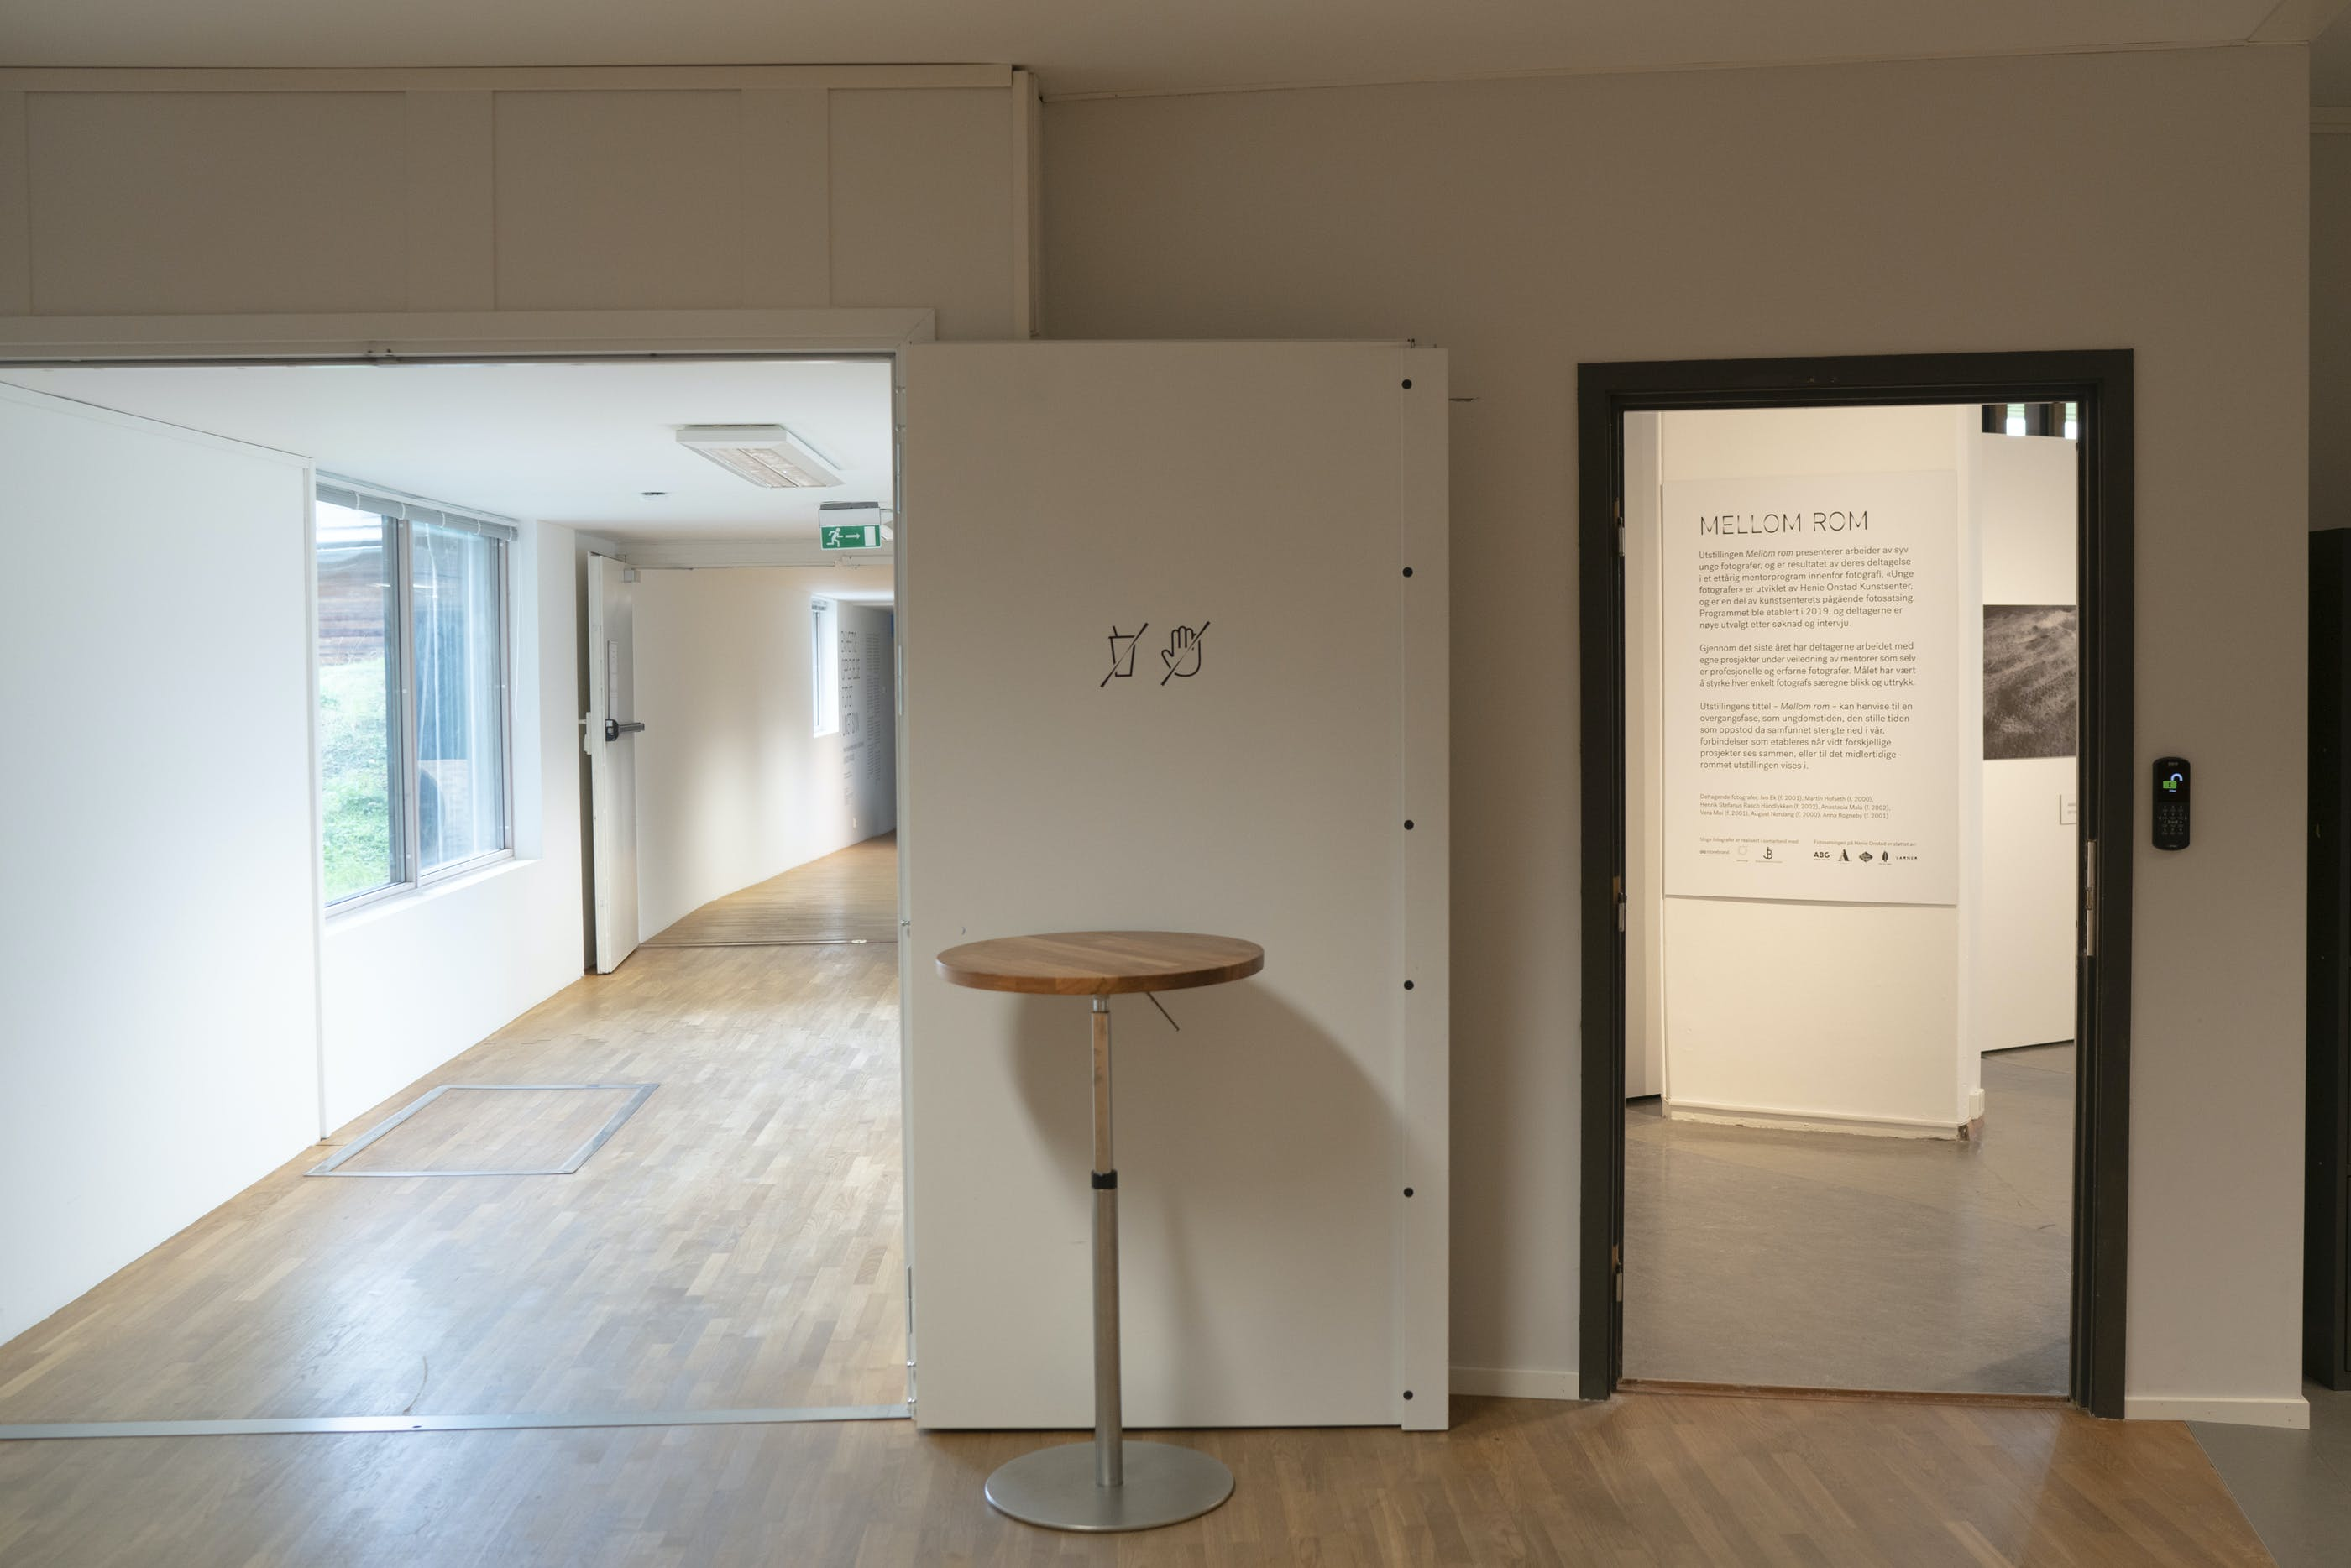 Henie Onstad Kunstsenter Mellom rom 001